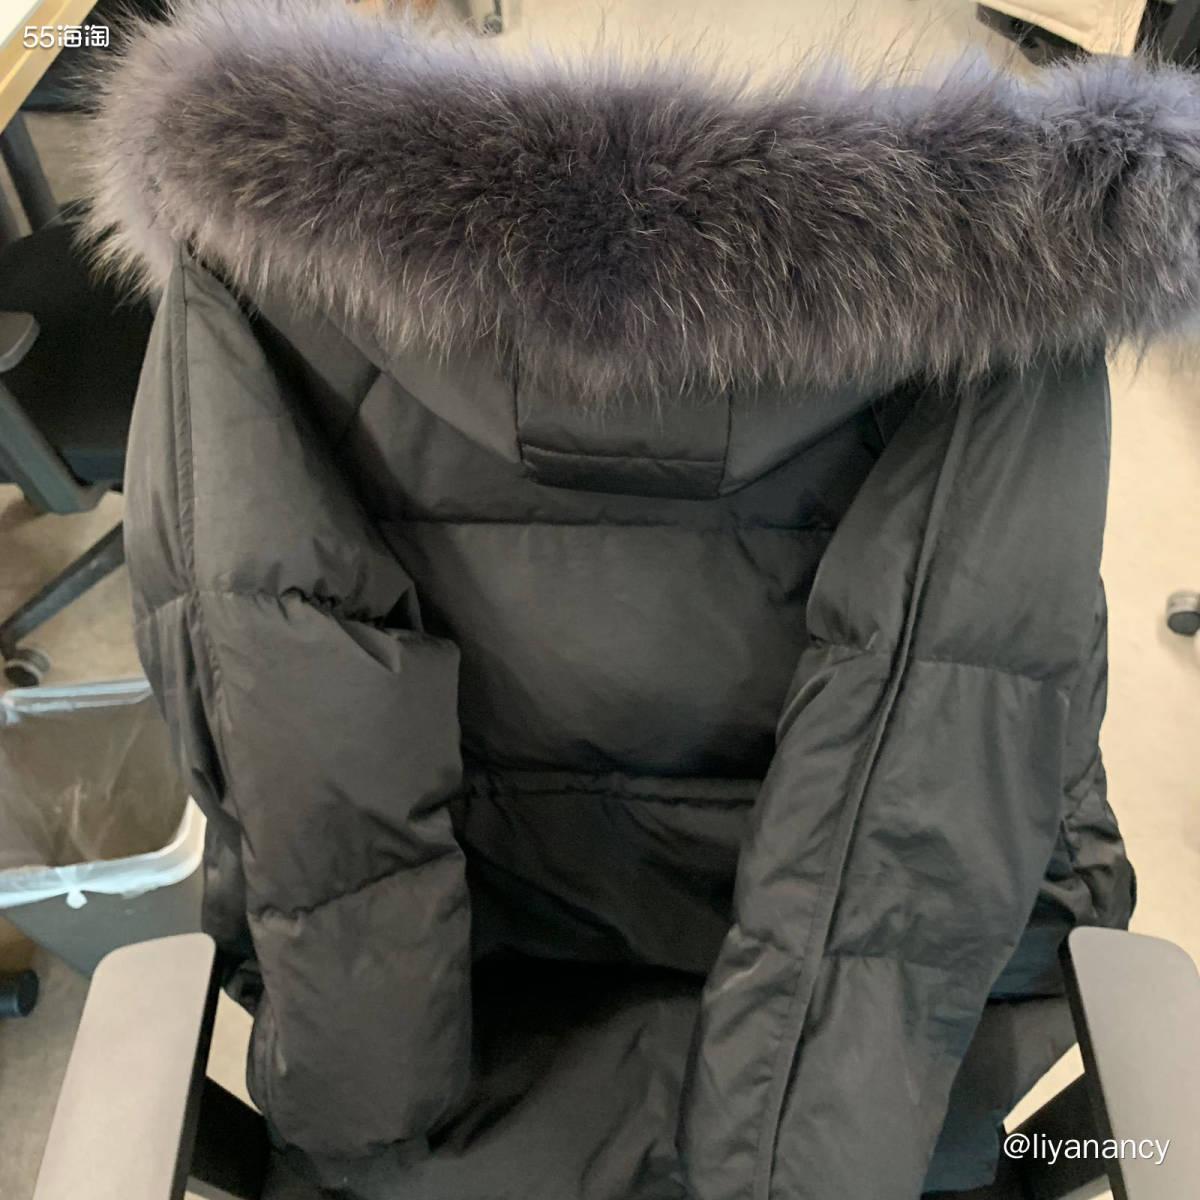 大毛领羽绒服  ✨这款羽绒服是我今年双十一新买的,中长款的刚